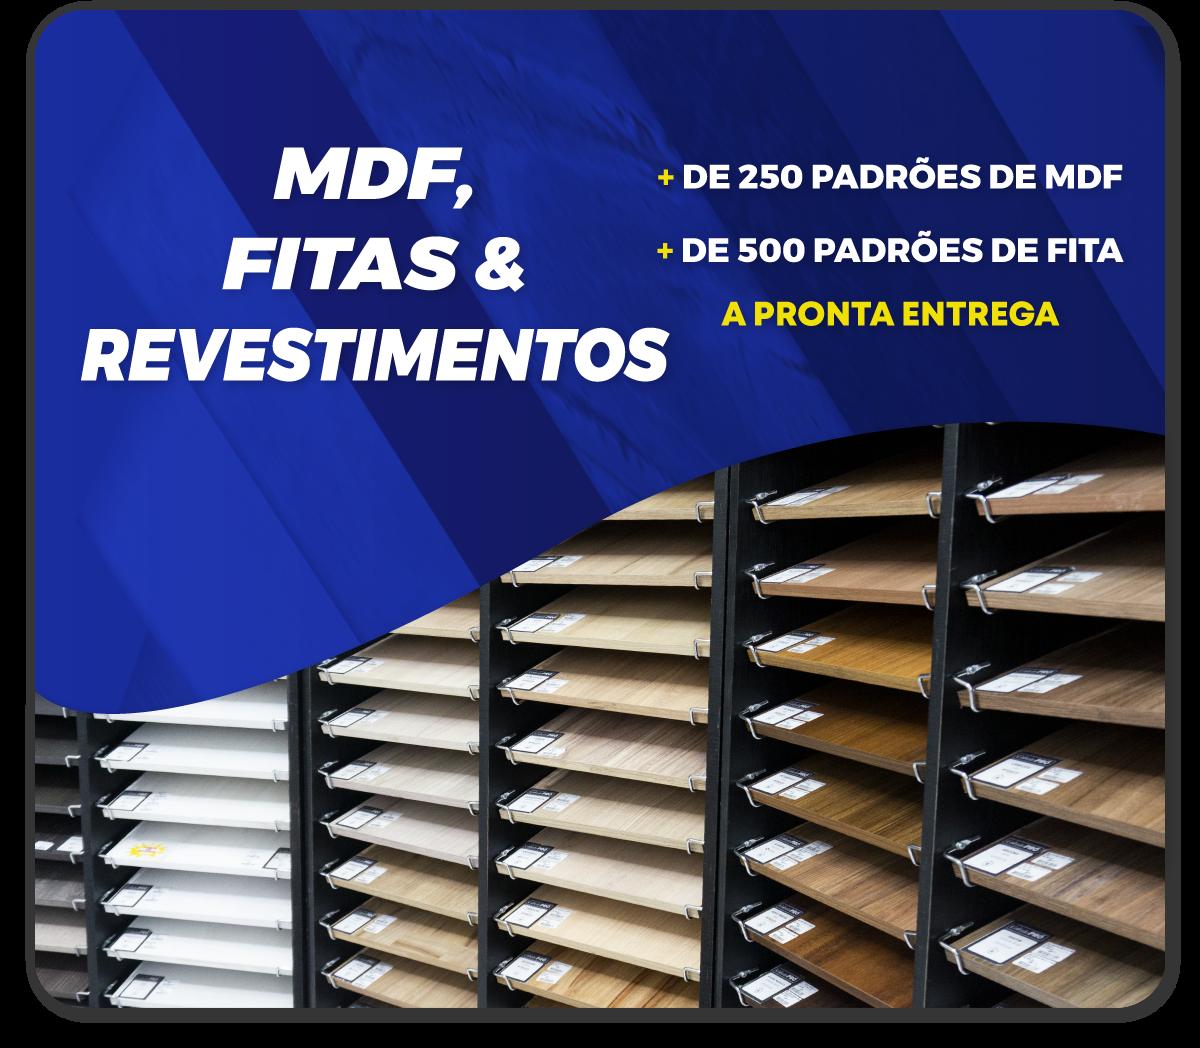 MDF, FITAS E REVESTIMENTOS